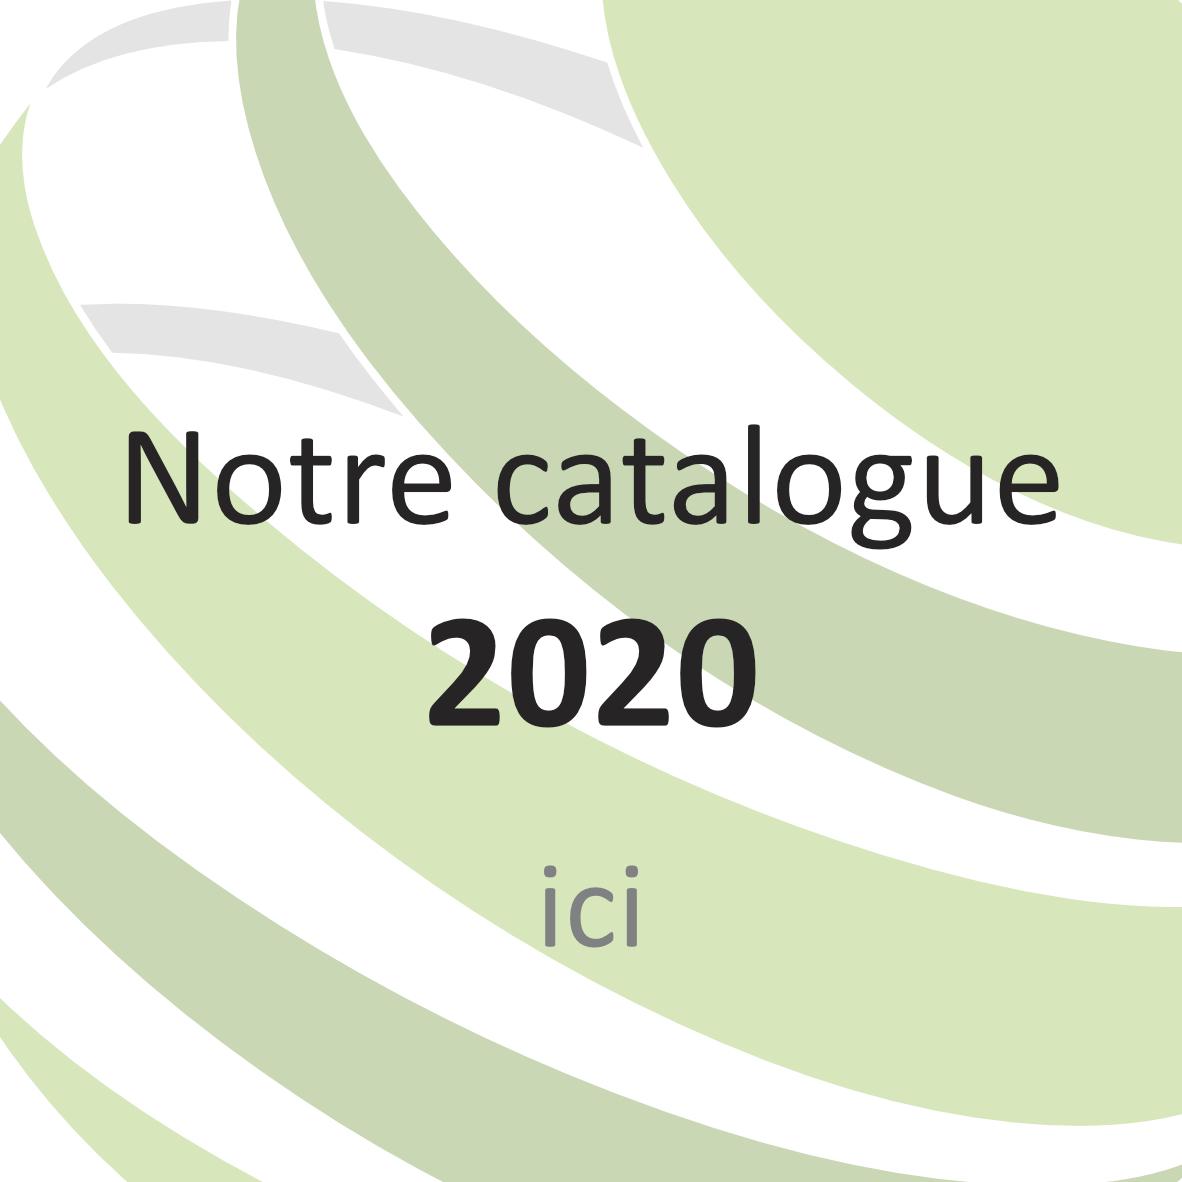 Notre catalogue 2020 ici